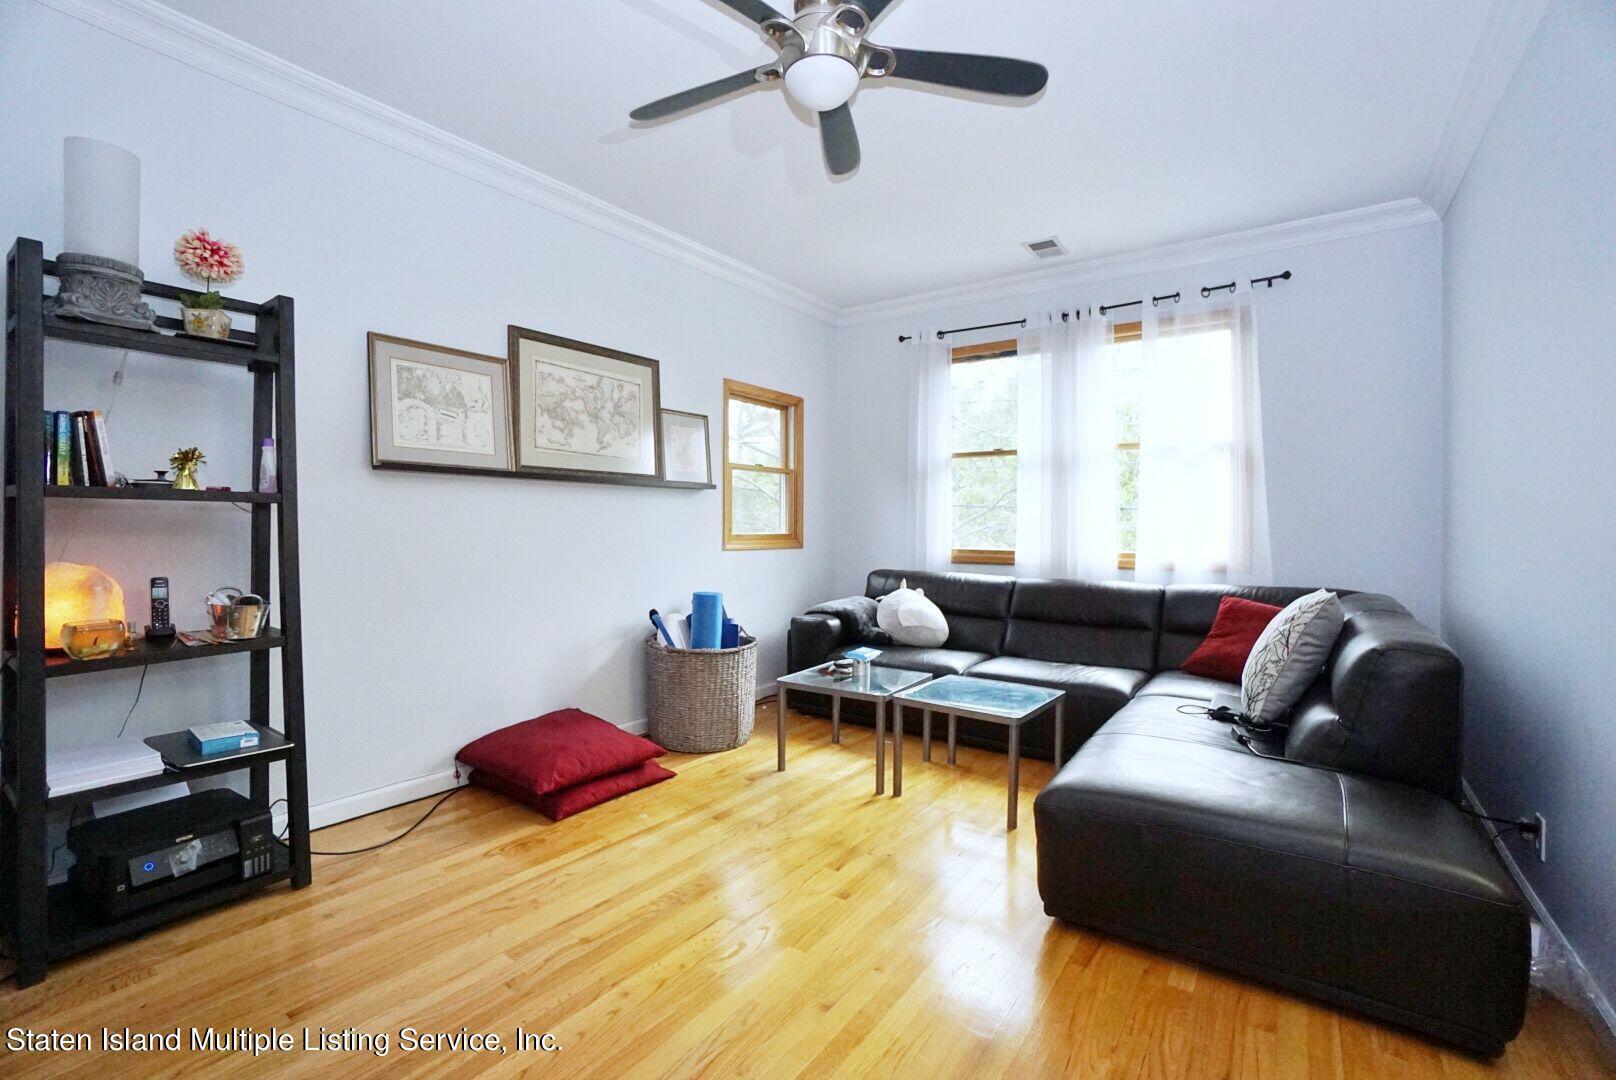 Single Family - Detached 311 Sharrott Avenue  Staten Island, NY 10309, MLS-1146042-26